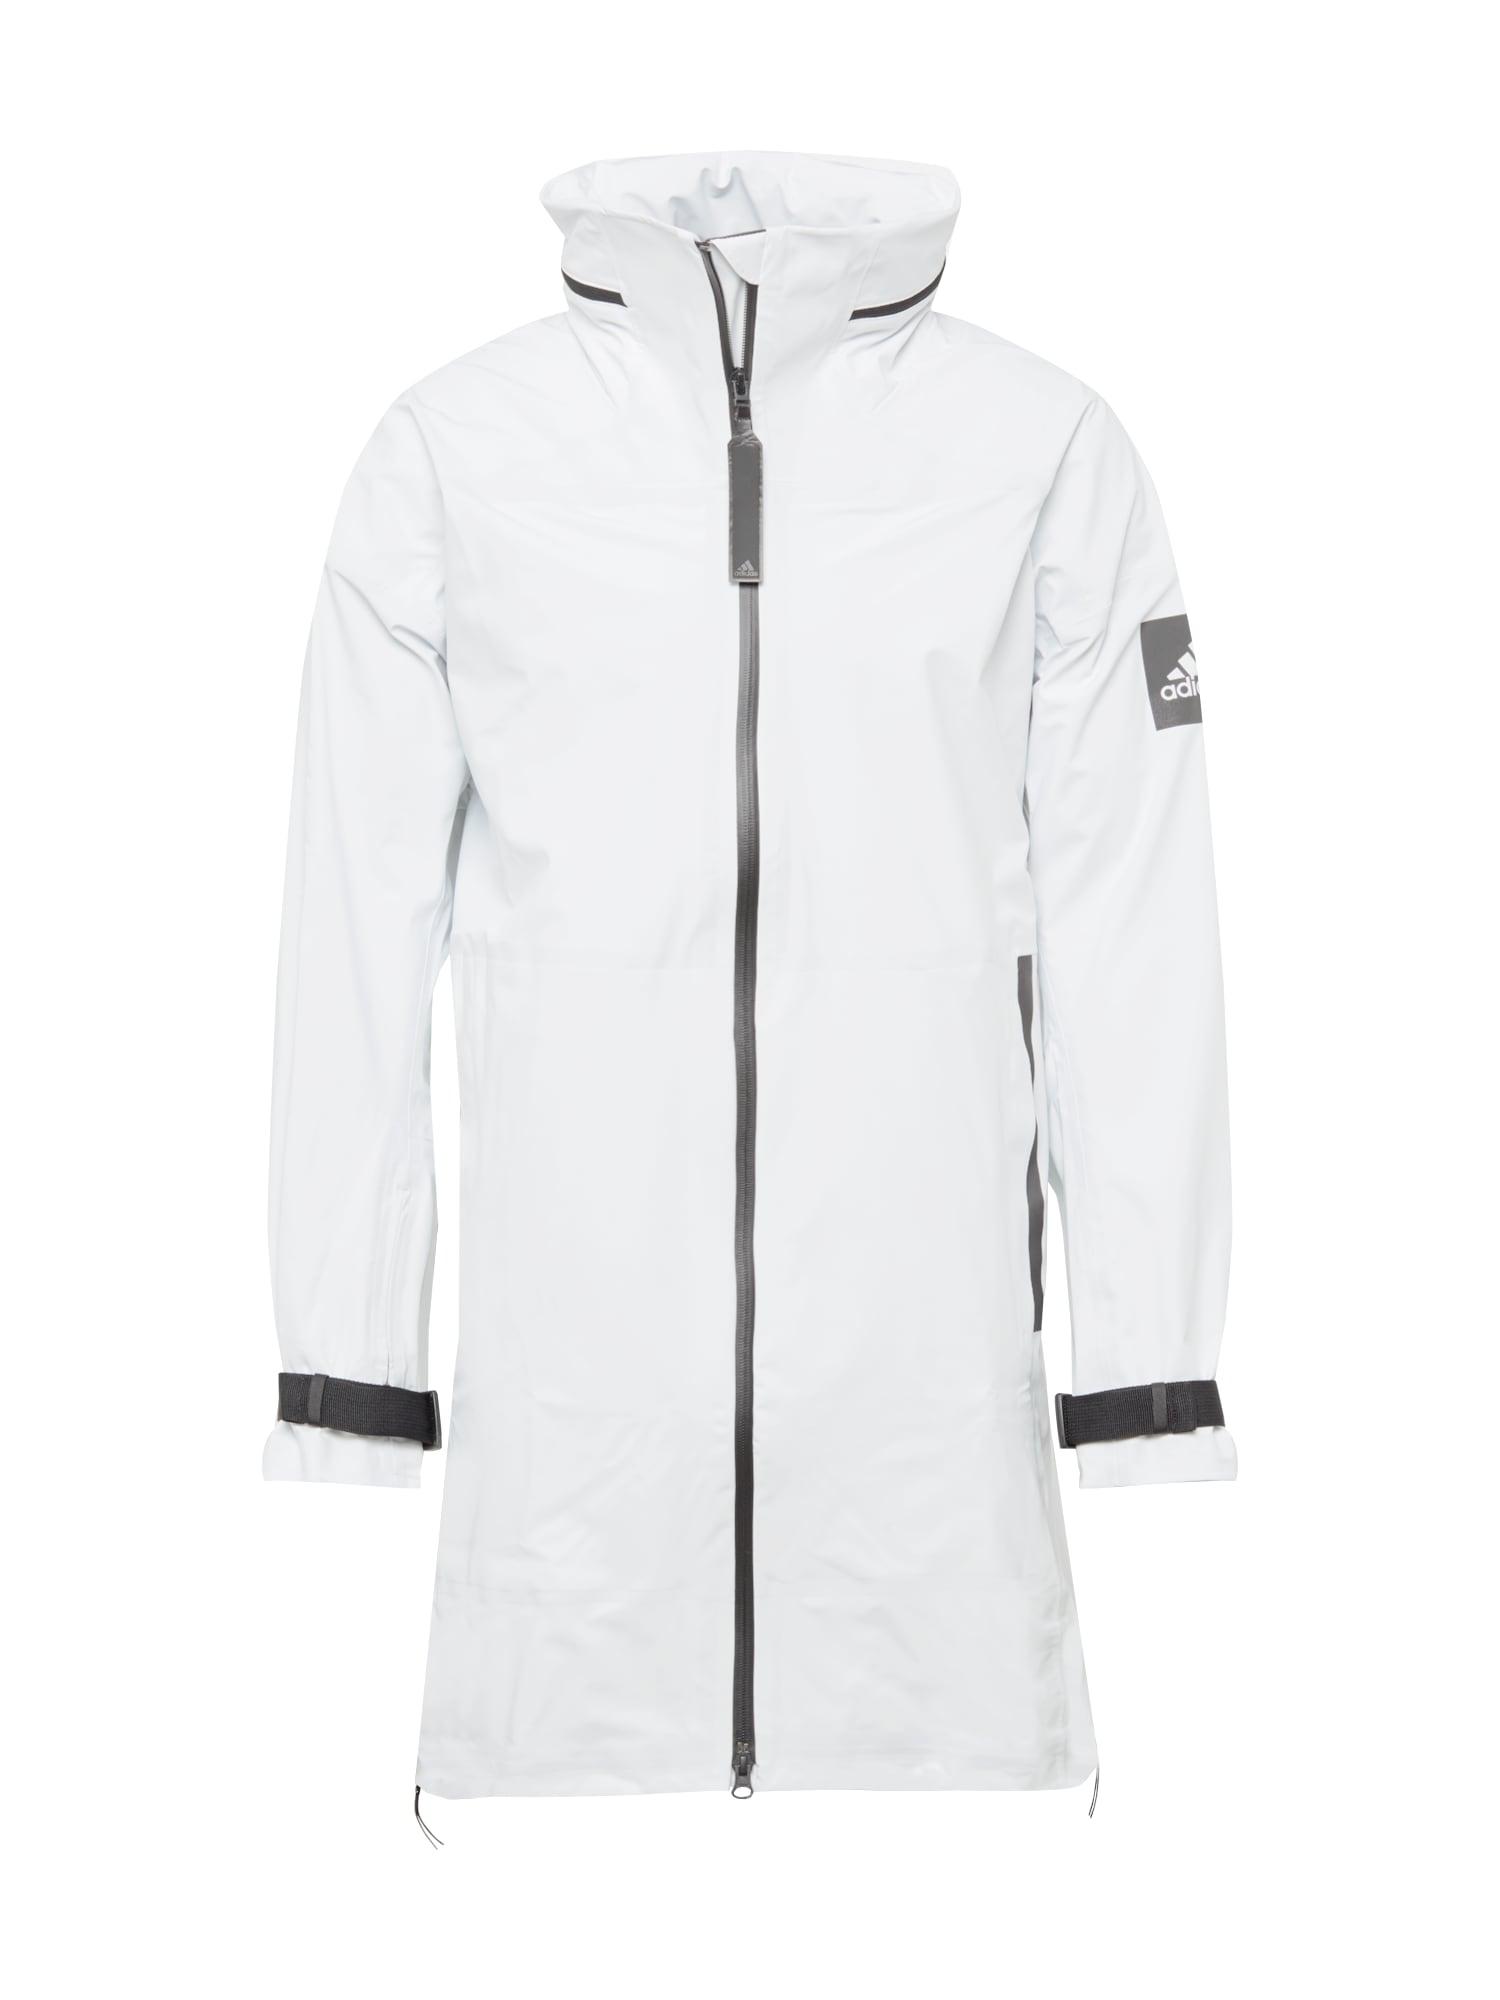 ADIDAS PERFORMANCE Outdoorová bunda 'MYSHELTER'  bílá / tmavě šedá